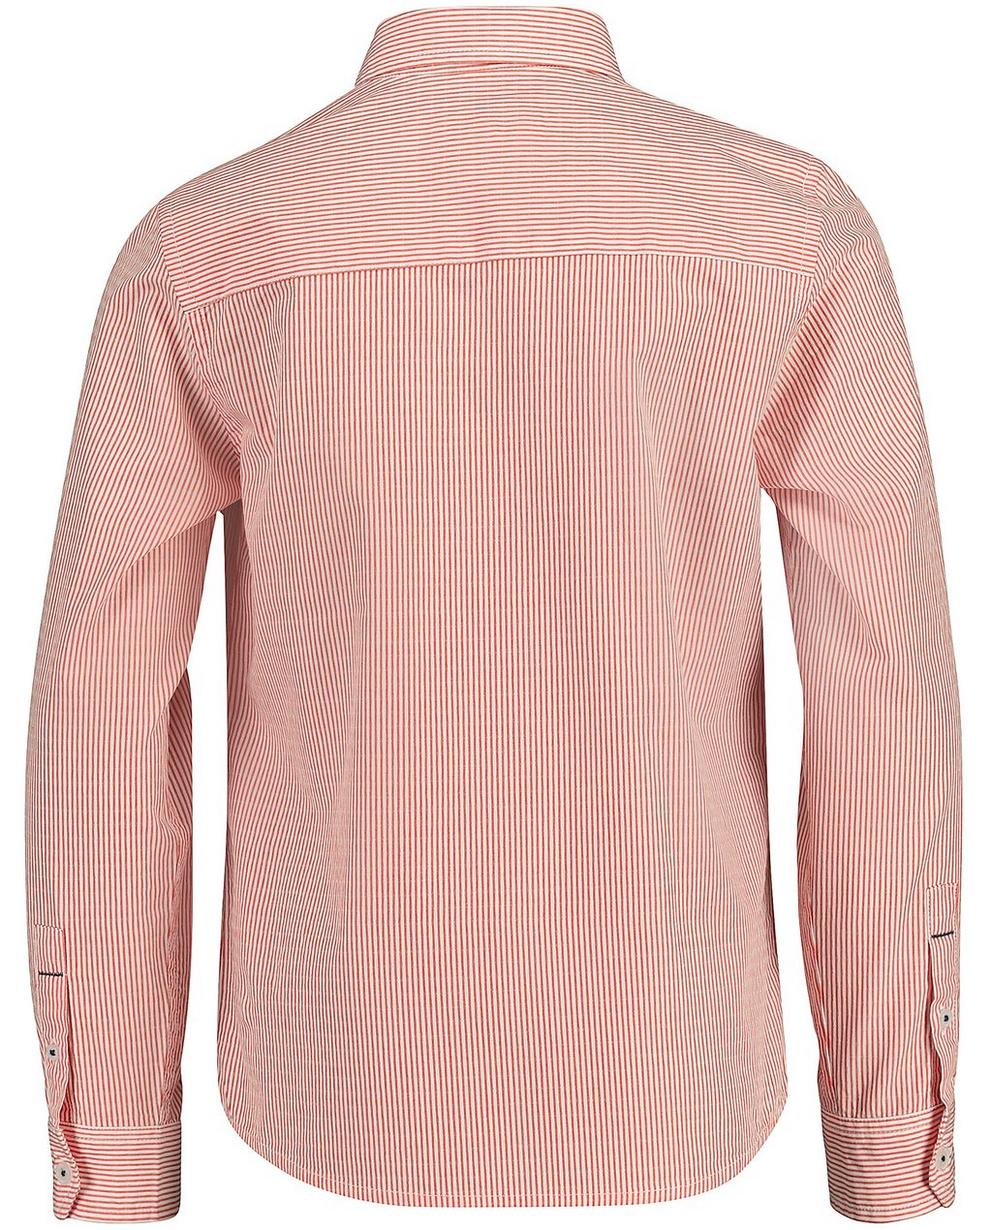 Hemden - Pflaume - Fein gestreiftes Hemd